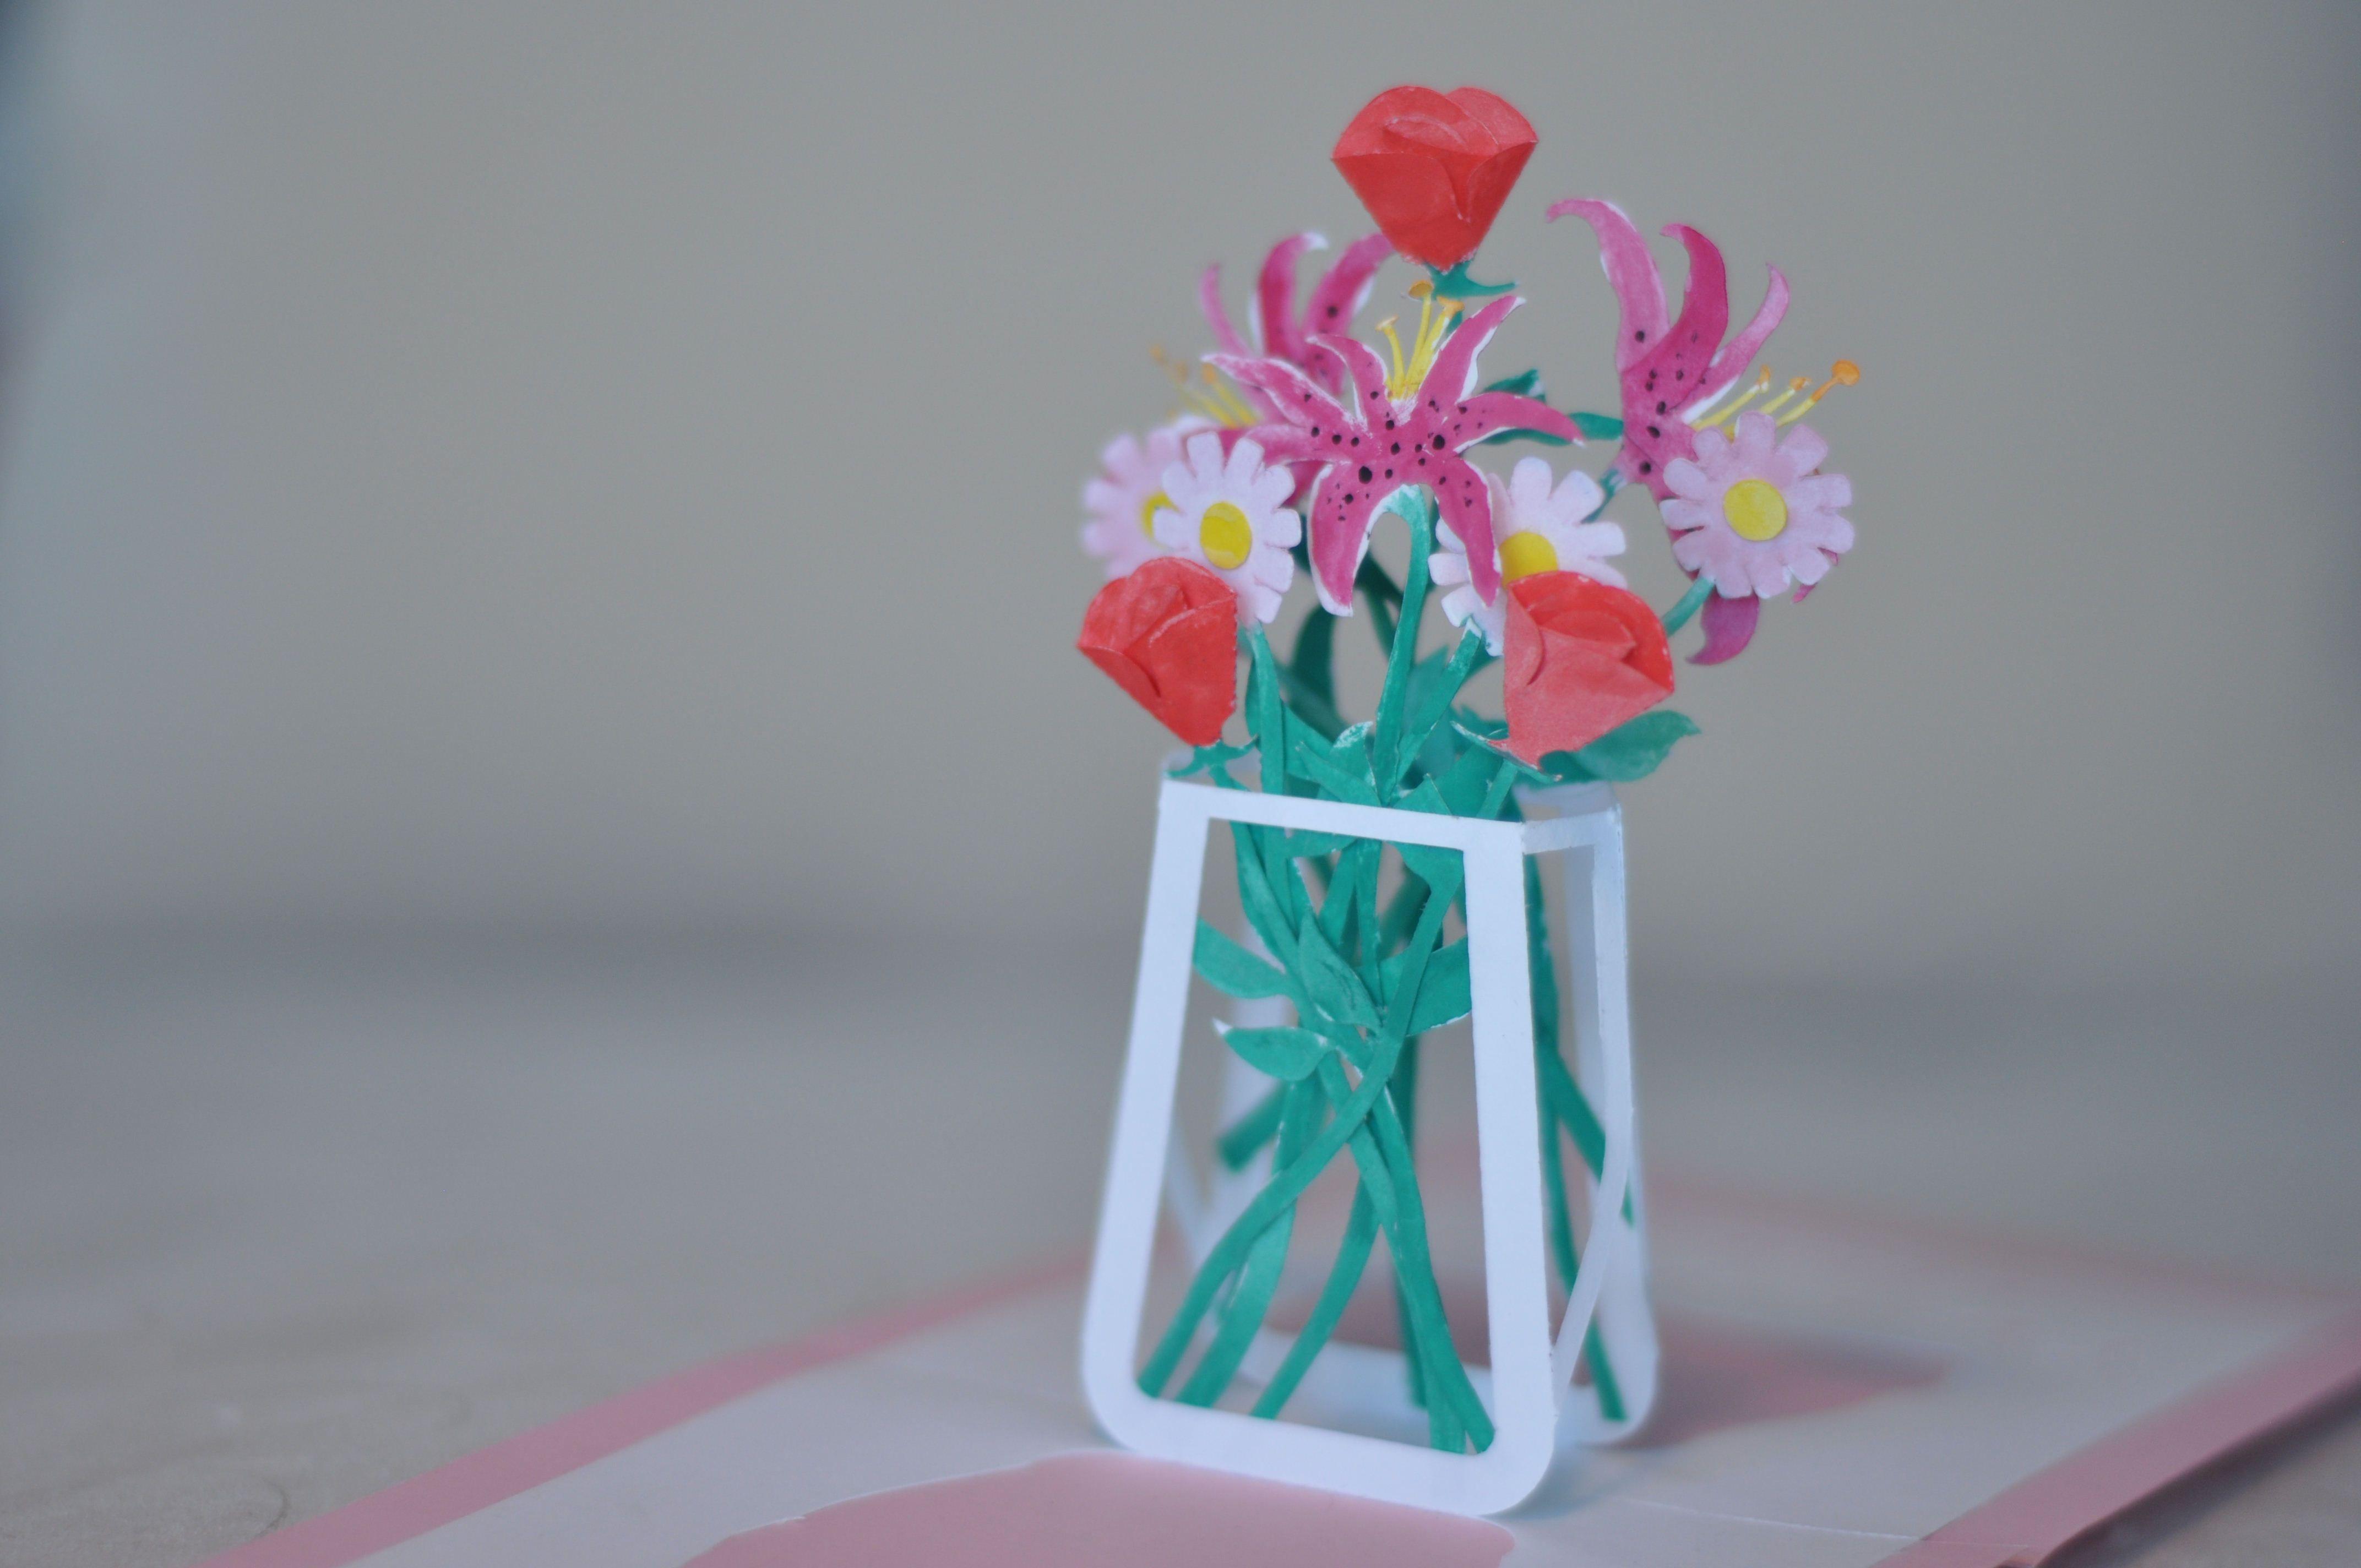 Flower Bouquet Pop Up Card Template Creative Pop Up Cards Pop Up Card Templates Pop Up Cards Bouquet Tutorial